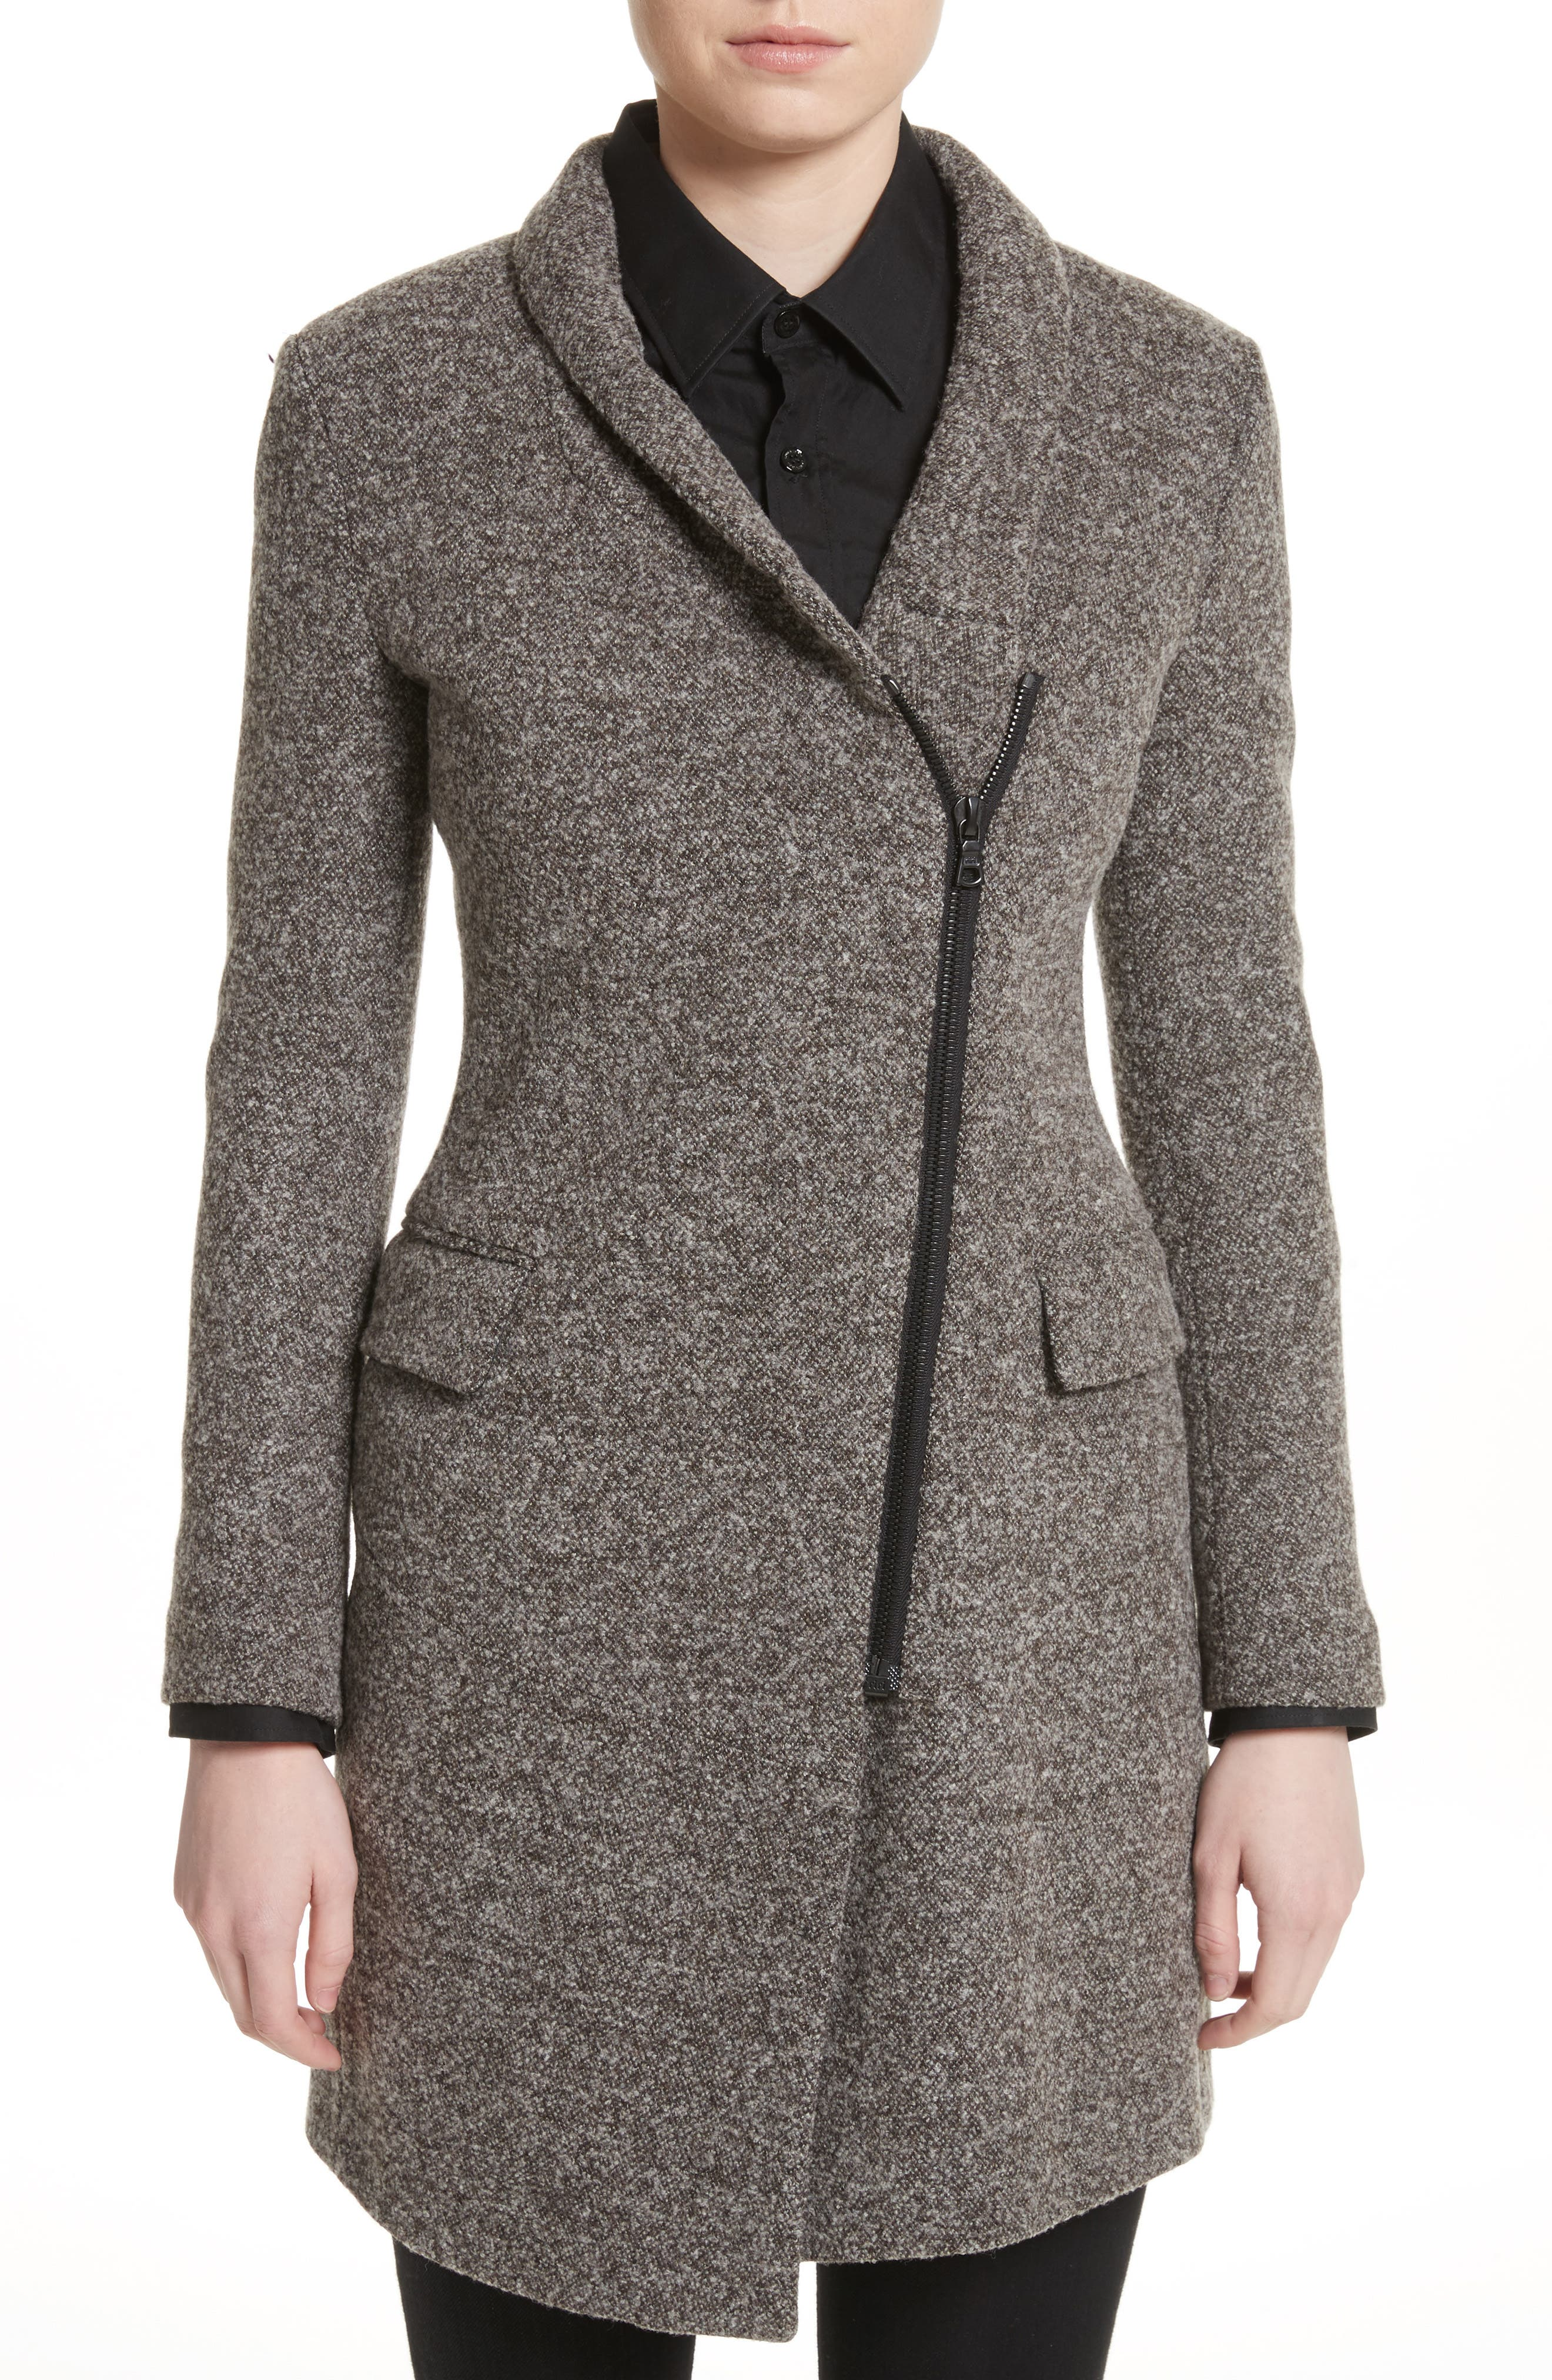 Jersey Galaxy Tweed Jacket,                         Main,                         color, Grey